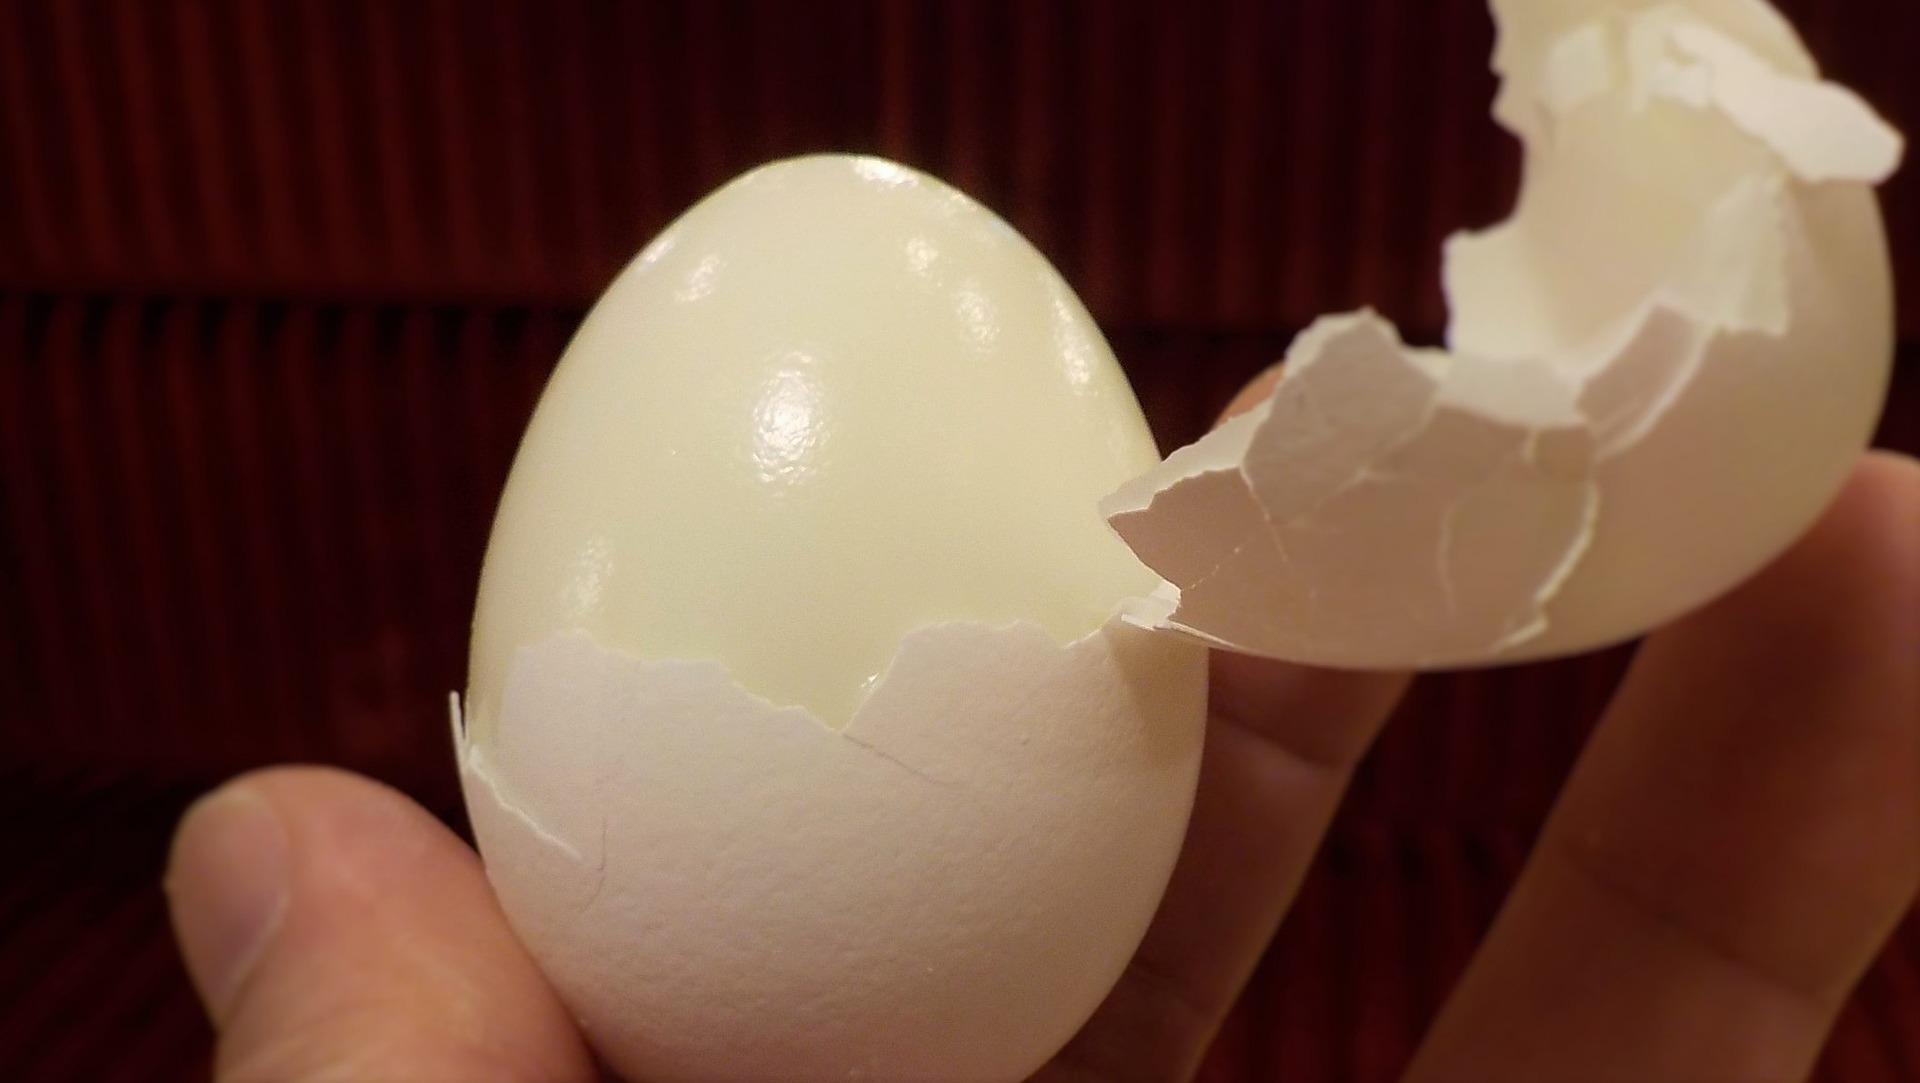 hard-boiled-eggs-1129698_1920.jpg